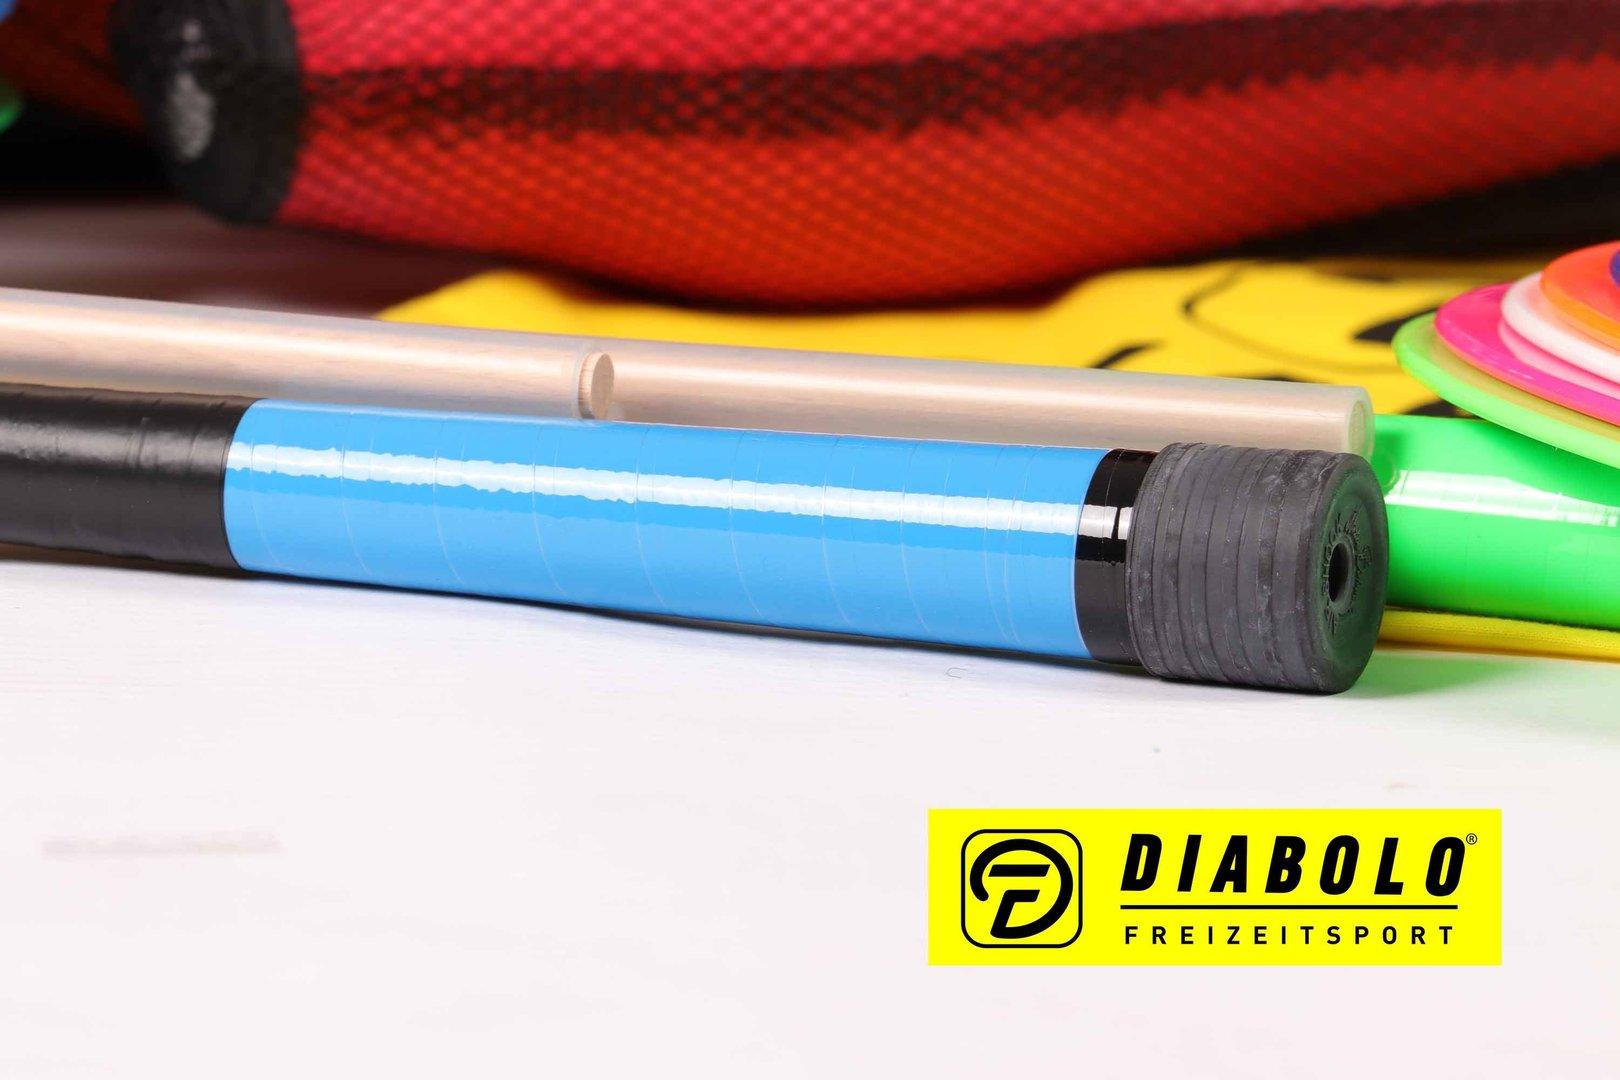 jonglierset f r klassen www diabolo. Black Bedroom Furniture Sets. Home Design Ideas